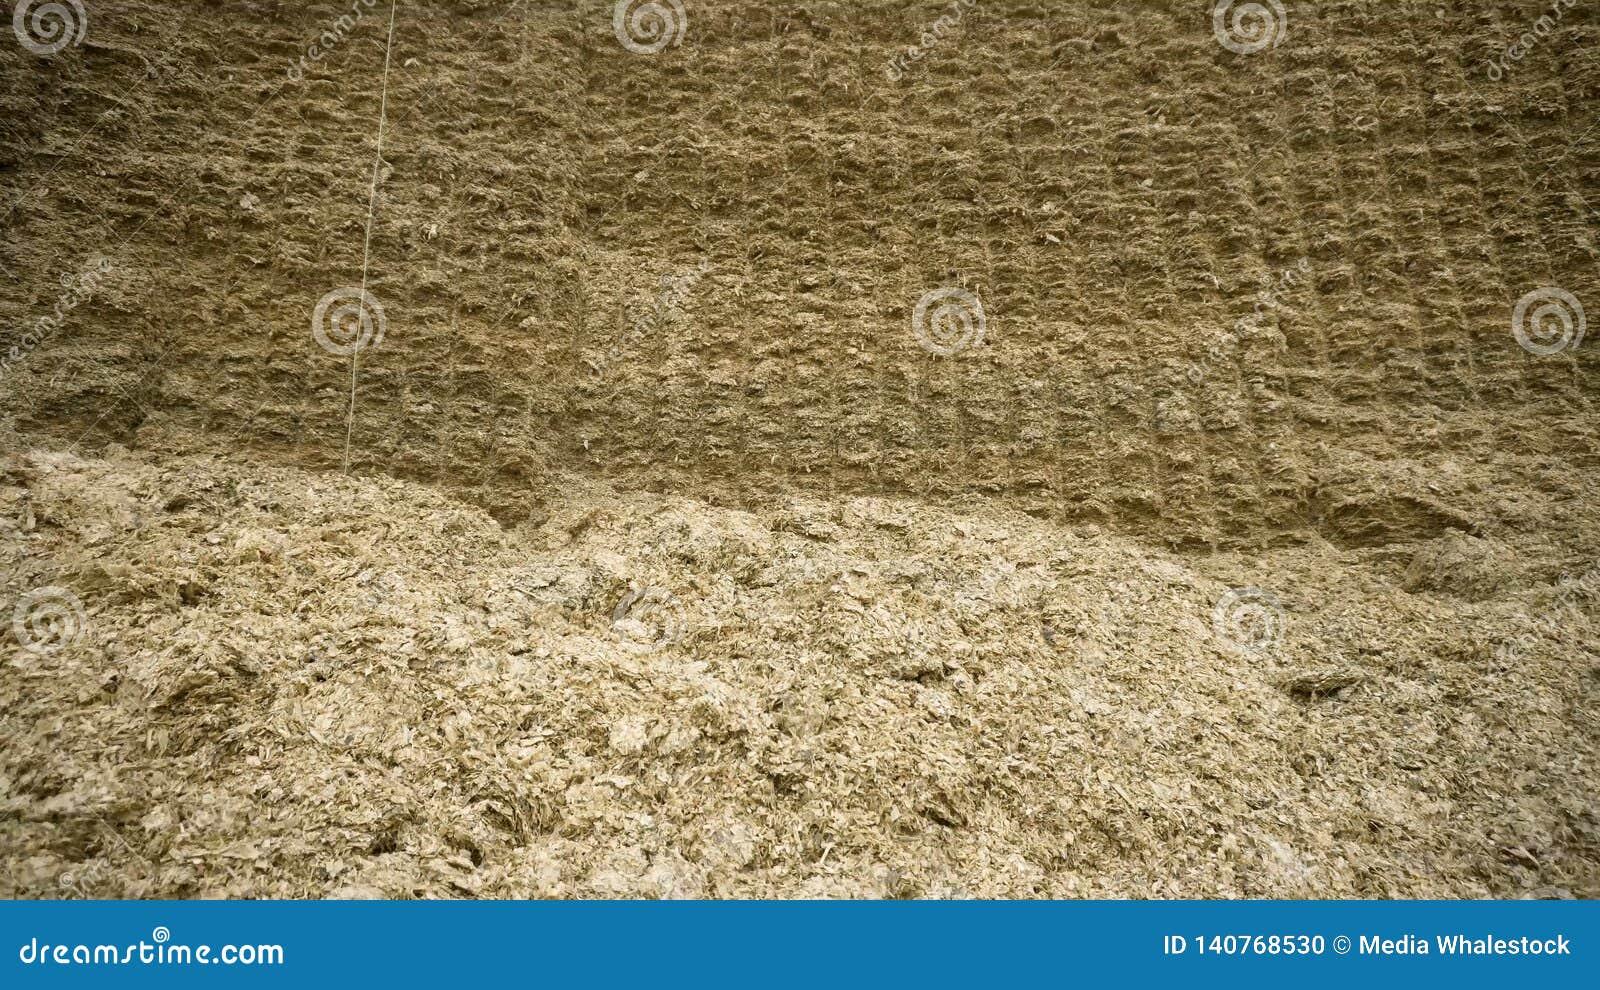 Reusachtige hooiberg lengte Ruwe reusachtige muur van samengeperst hooi voor voorraad in de winter voor het voeden van veevee Lan